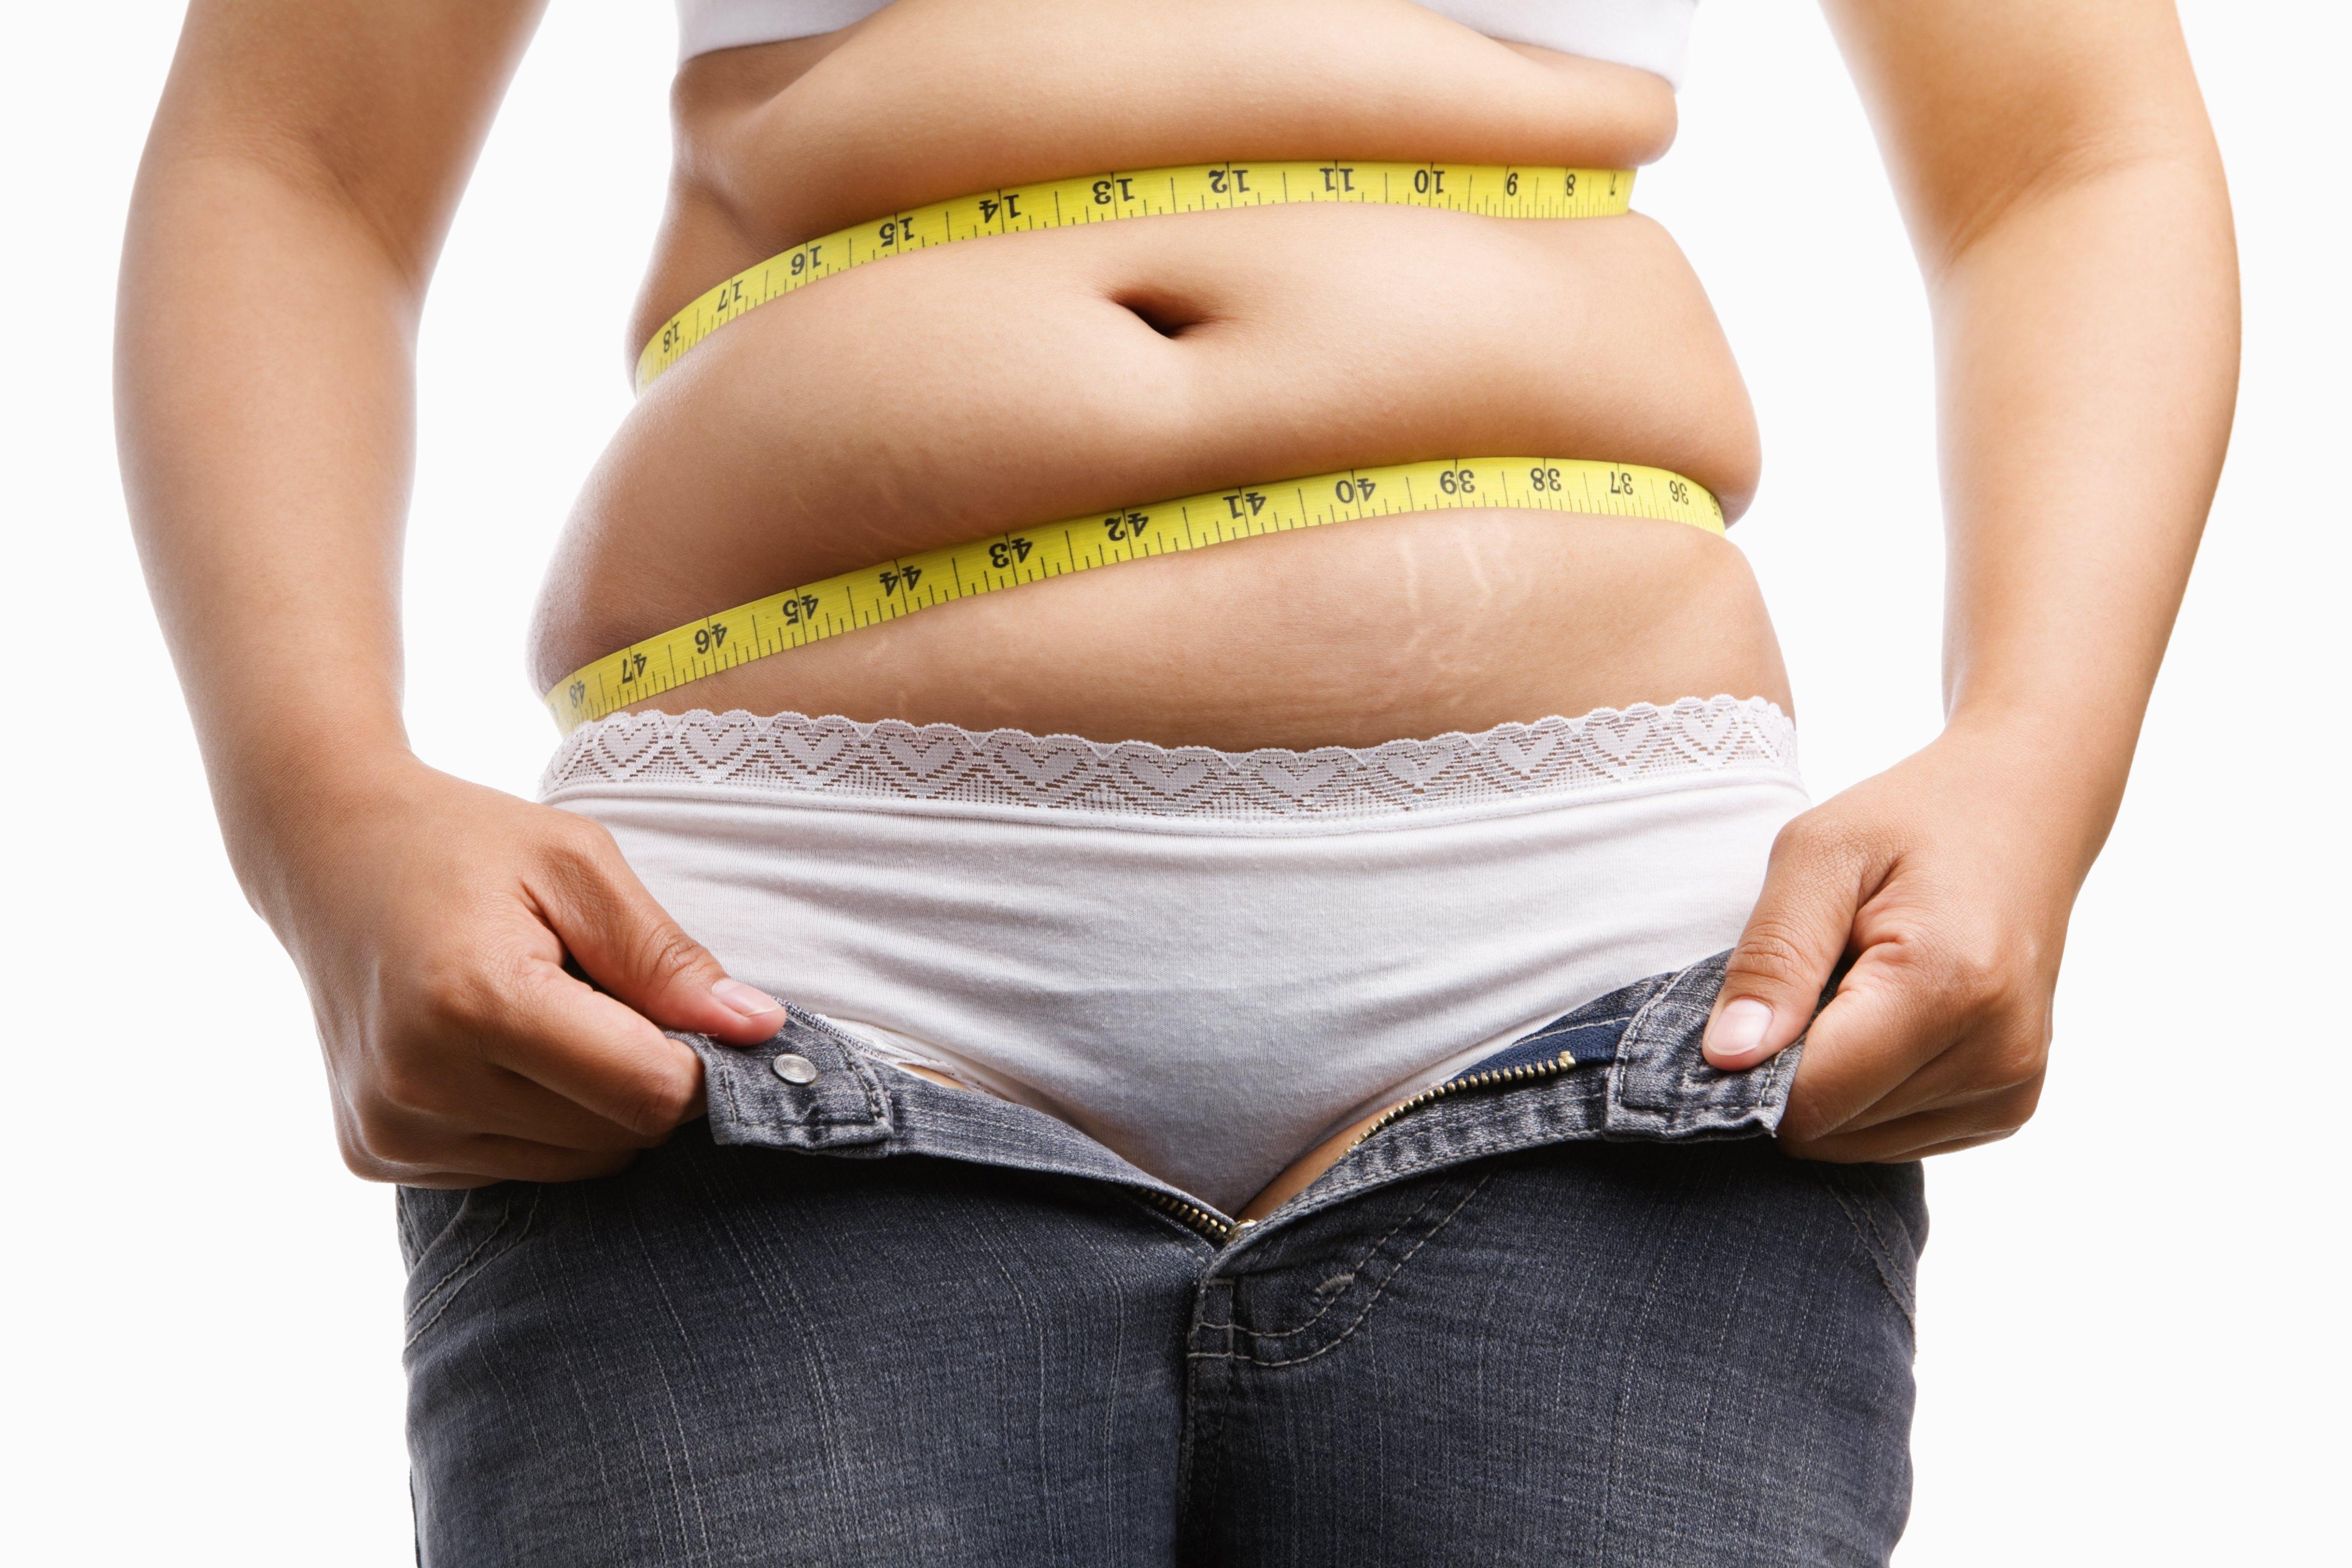 cât de multă pierdere în greutate poate provoca deshidratare